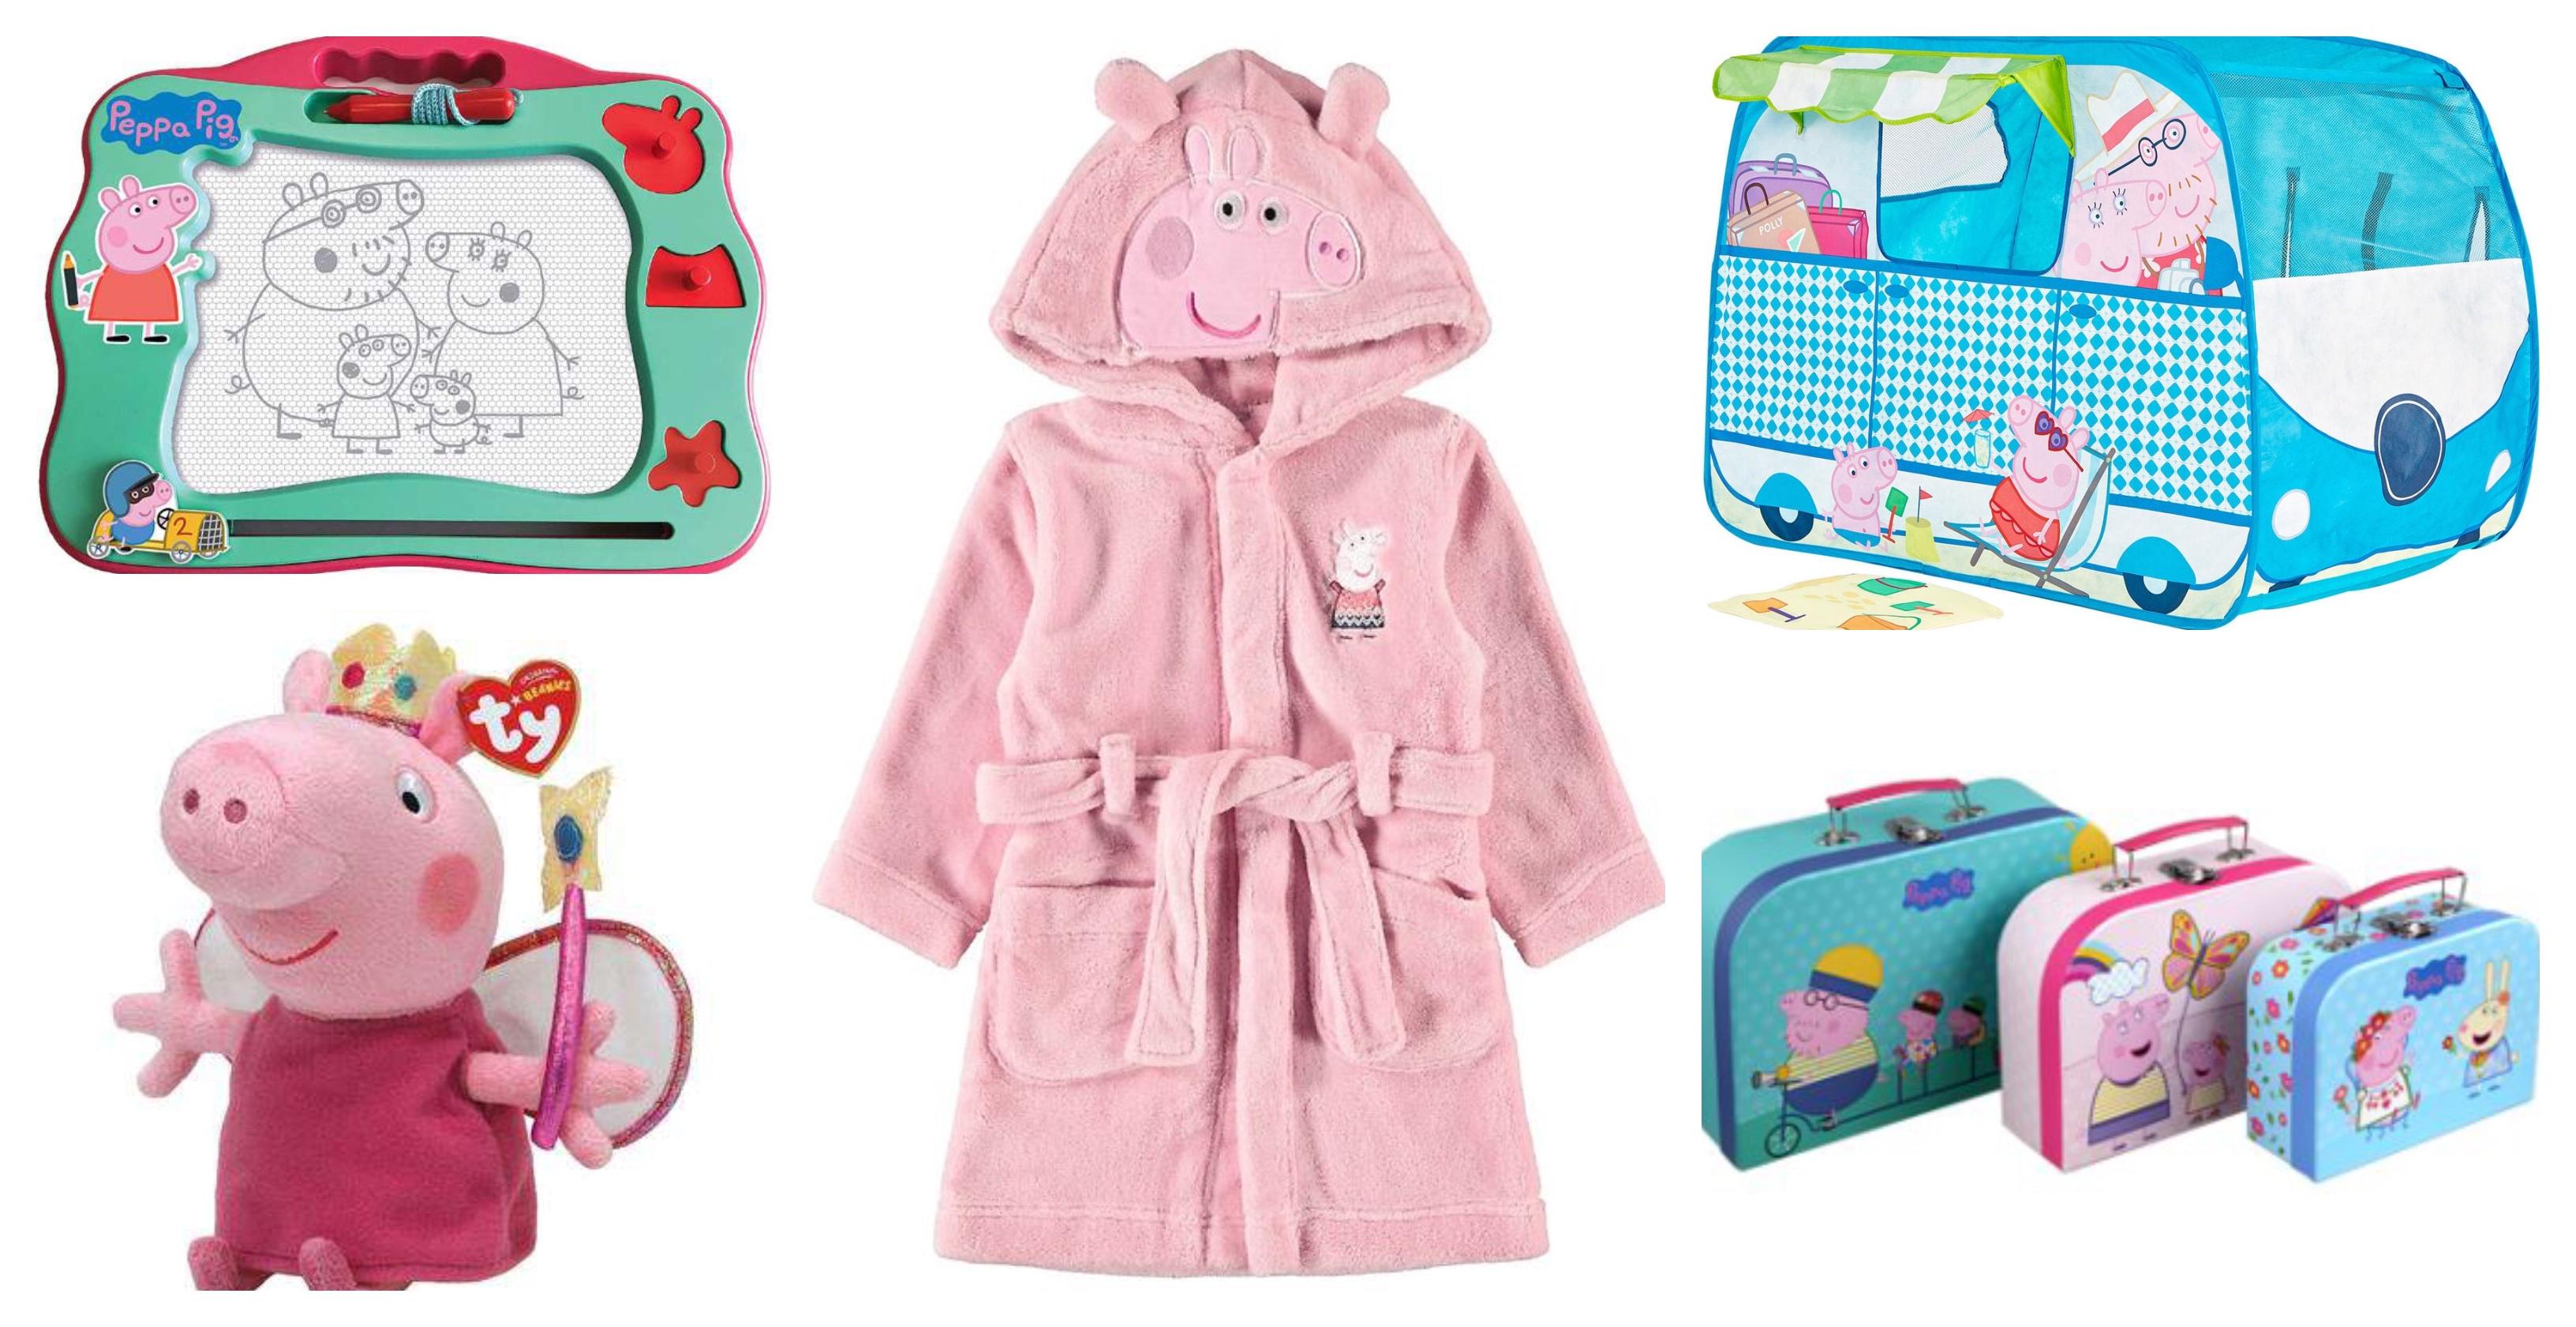 Gurli Gris gaveideer til børn, gurli gris ting til ting børn, gurli gris gaver, gurli gris børnegave, gurli gris gadget til børn, gurli gris legetøj, gurli gris fødselsdagsgave, gurli gris julegaver